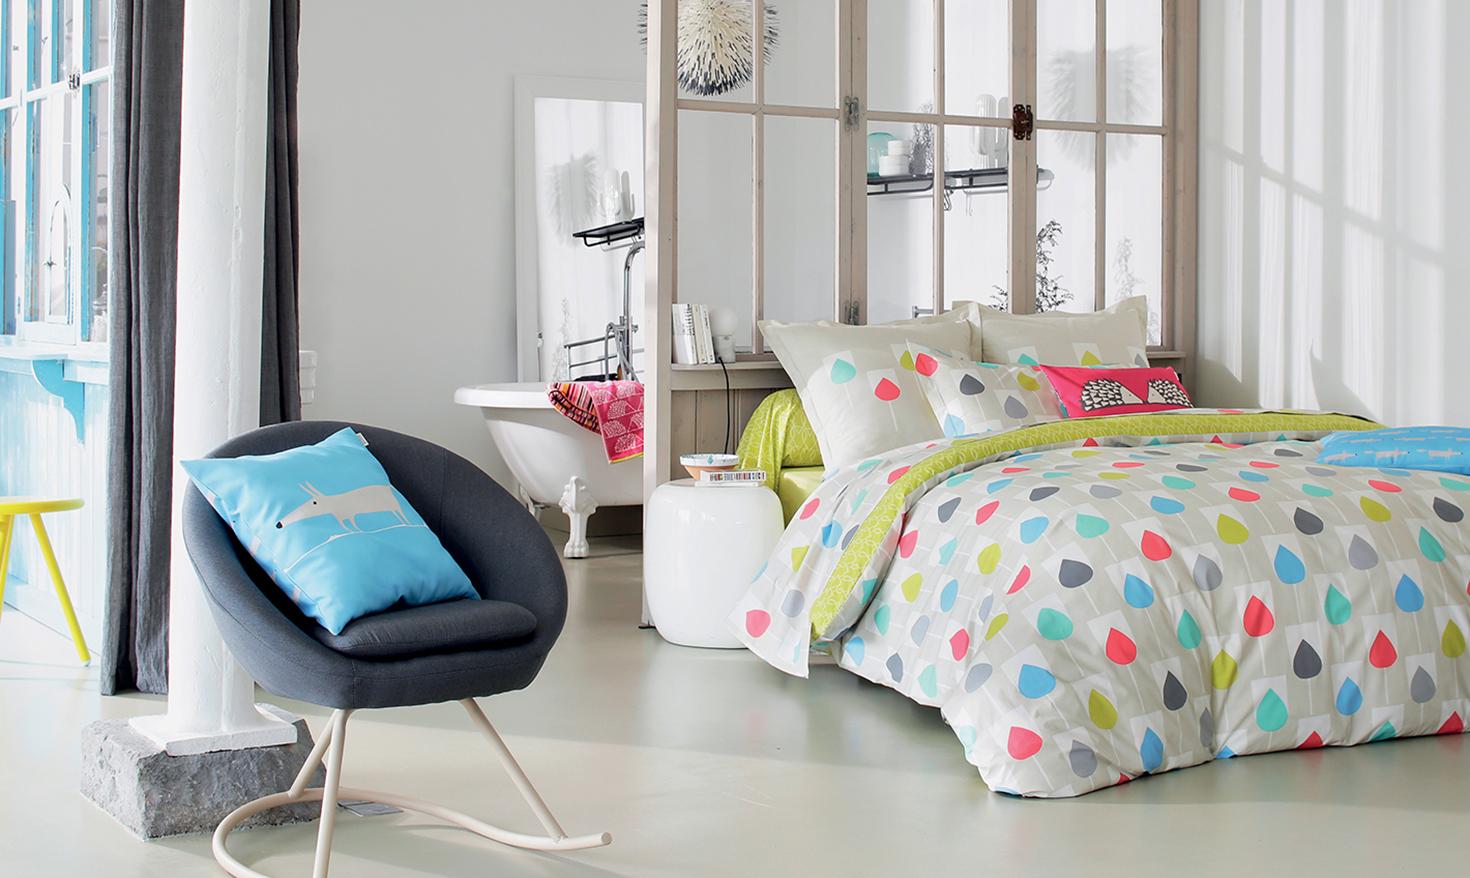 vente en ligne linge de lit great simple soldes linge de lit grandes marques linge de lit. Black Bedroom Furniture Sets. Home Design Ideas